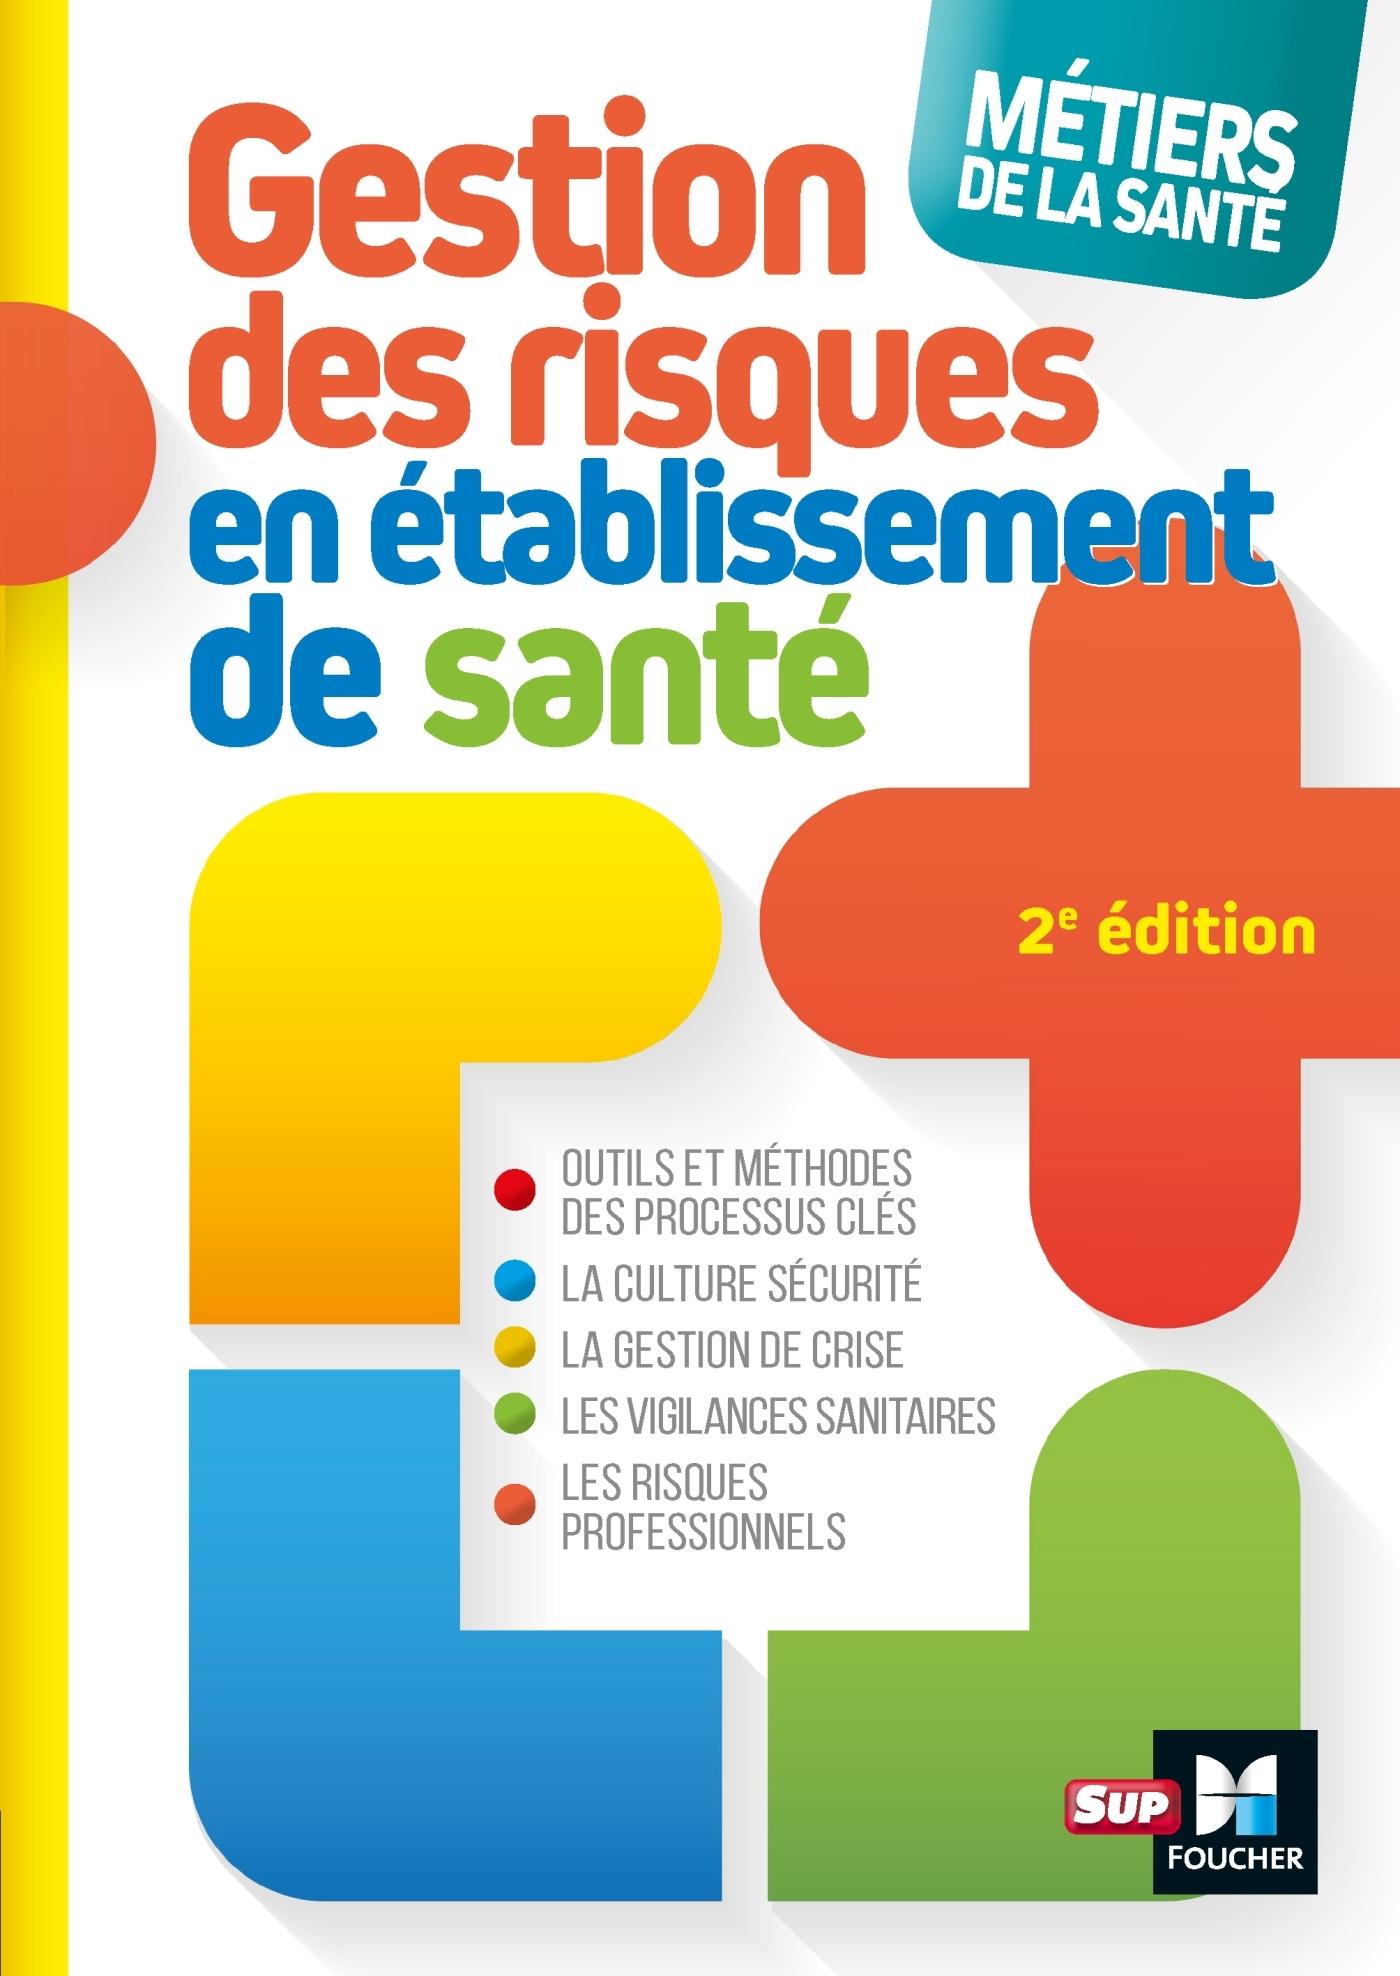 METIERS DE LA SANTE - GESTION DES RISQUES - 2E EDITION - DEFINITIONS, OUTILS ET METHODES